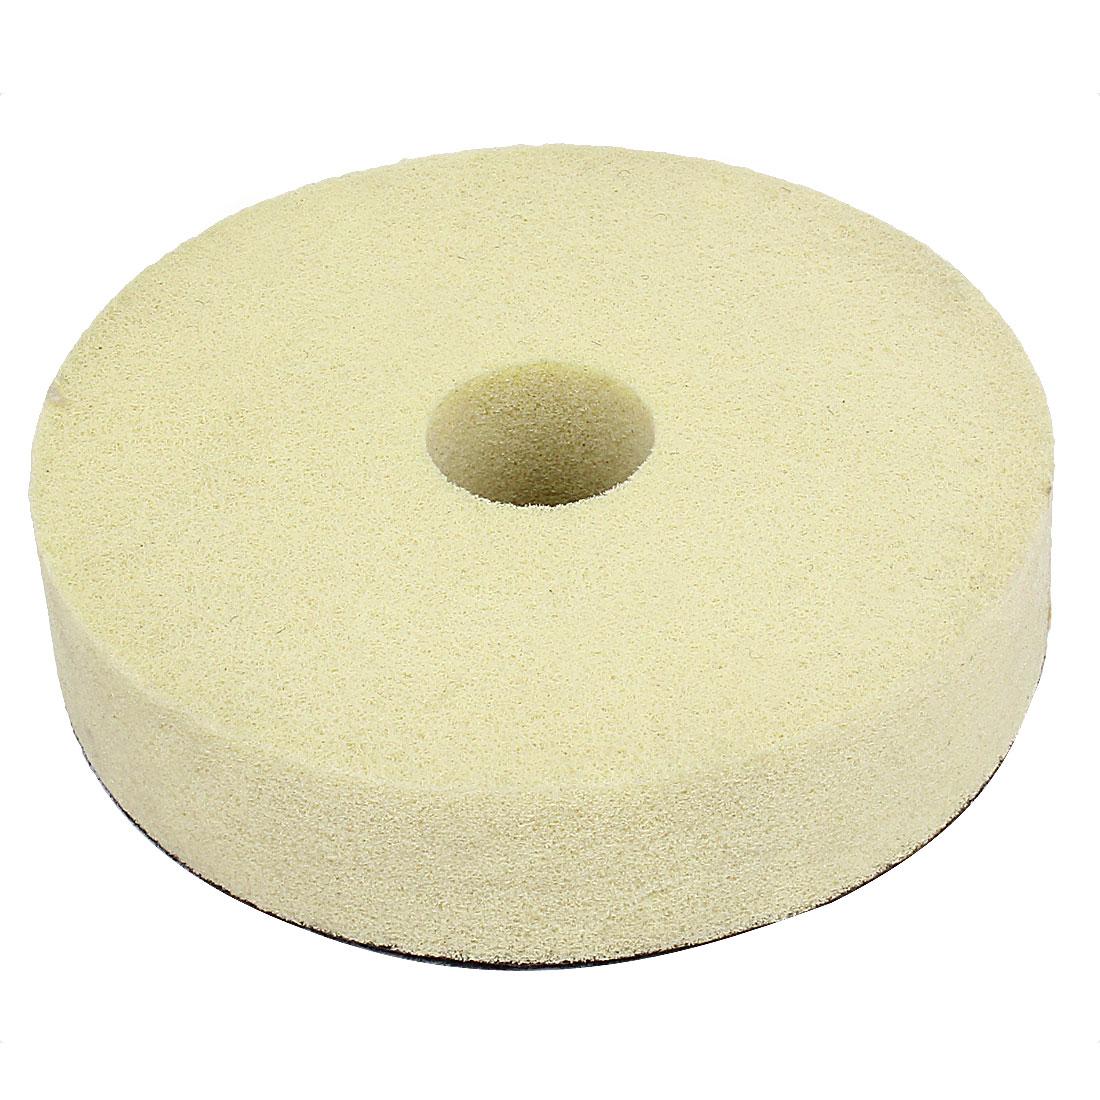 150mm x 35mm Nylon Non-woven Grinding Wheel Sanding Tool